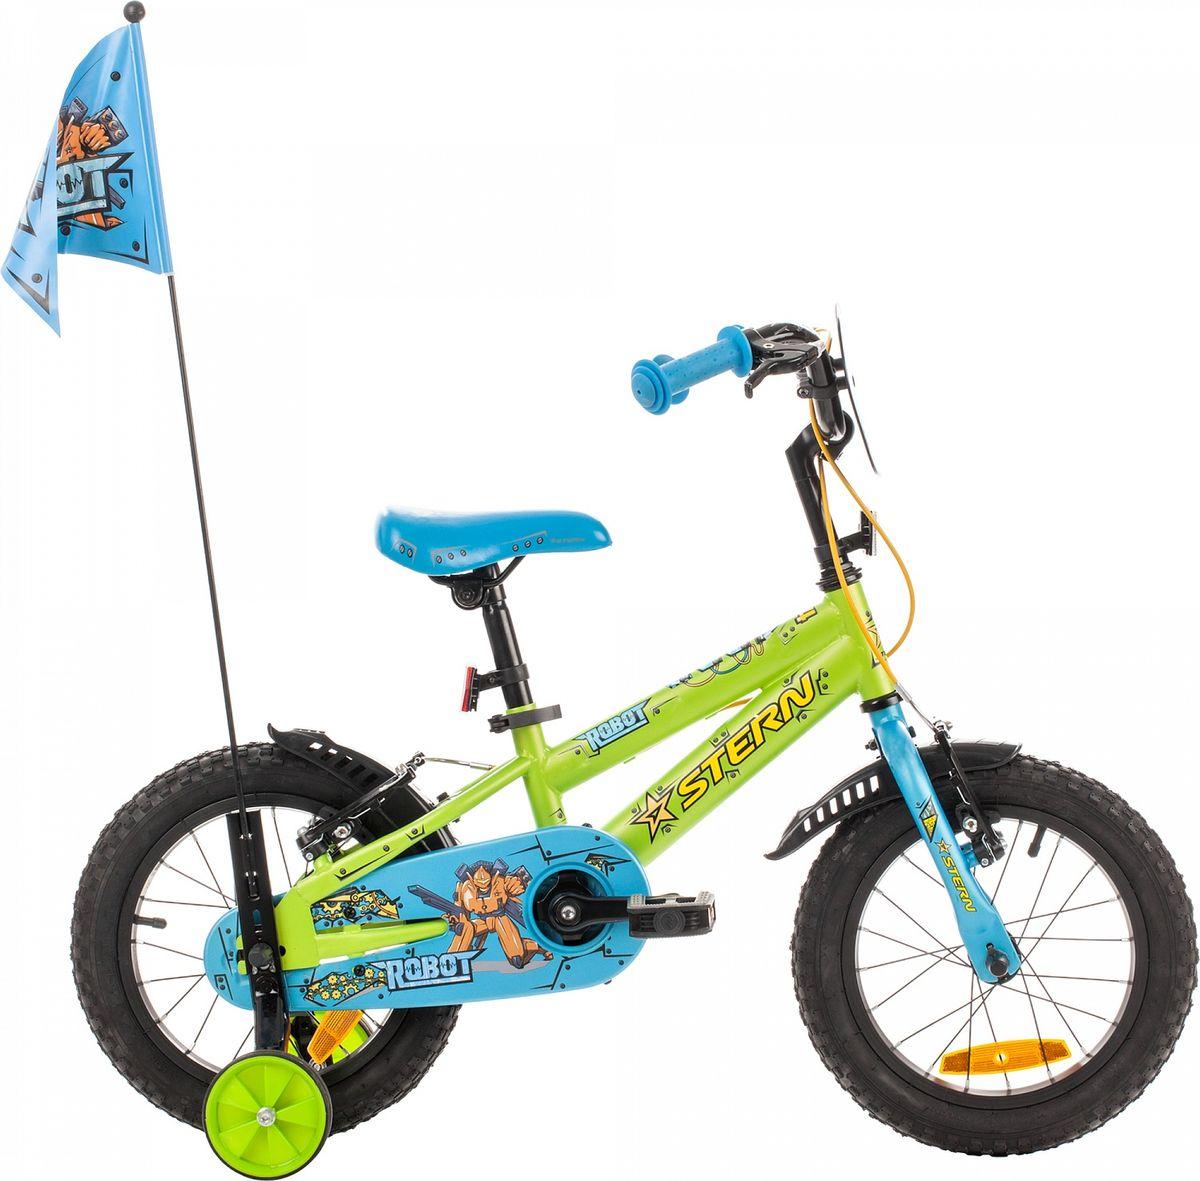 Велосипед детский Stern Robot, цвет: зеленый, голубой, оранжевый, колесо 1416ROB14Улучшенная модель детского велосипеда. Набор красивых и функциональных аксессуаров не оставит юных велосипедистов равнодушными. Модель рассчитана на возраст 3-5 лет и рост 99-115 см. На велосипеде установлен комплект тормозов типа V-brake, ограничитель поворота руля, защита цепи и светоотражатели. Комплектация включает функциональную трансмиссию: педали можно прокрутить назад и нажать на них в любом положении. В комплект входят переднее и заднее крылья, а также съемные боковые колеса для обучения езде.В модели предусмотрена надежная стальная рама Hi-TEN STEEL.